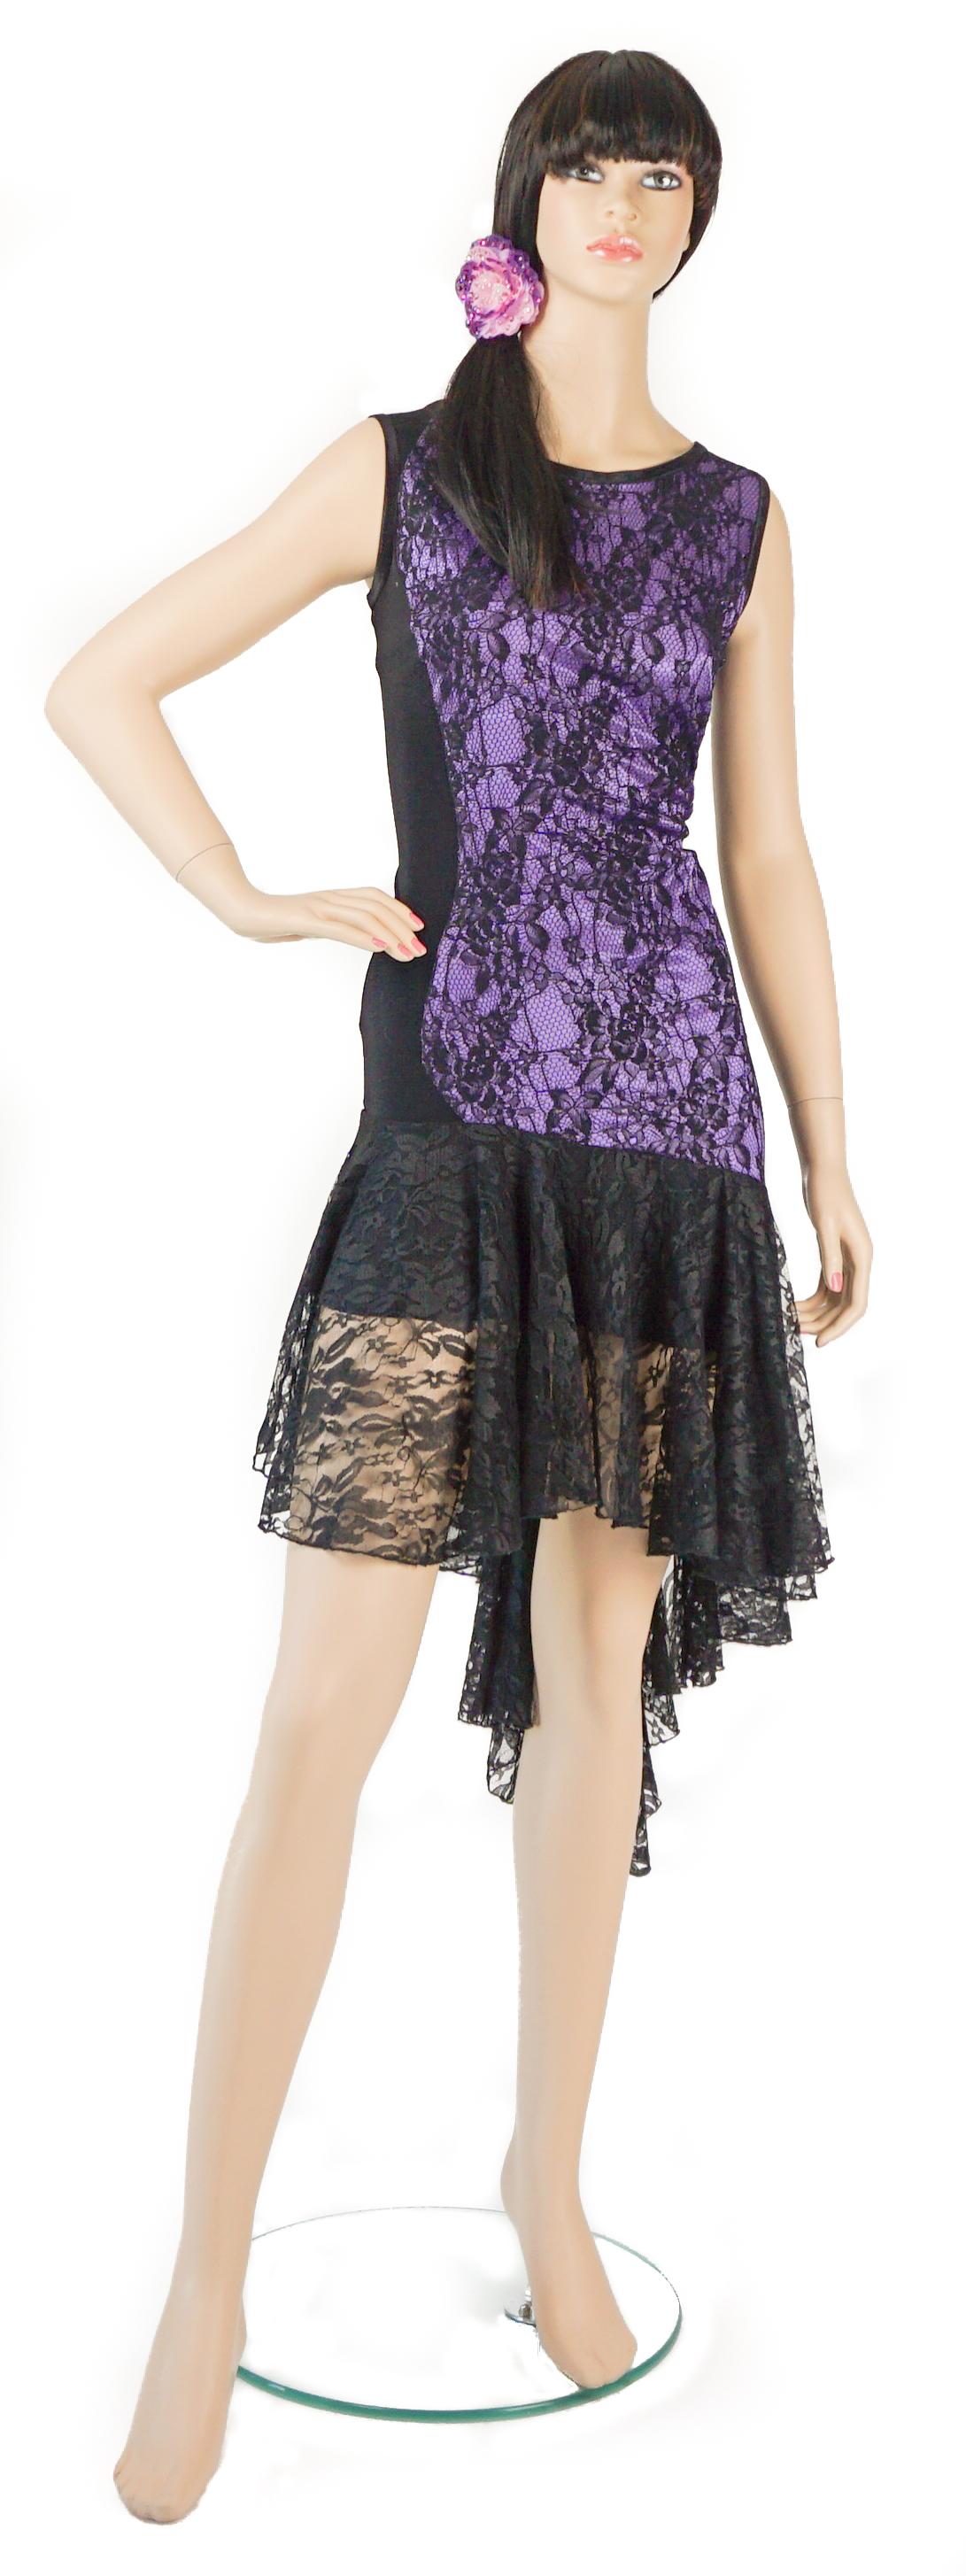 Dress-$150